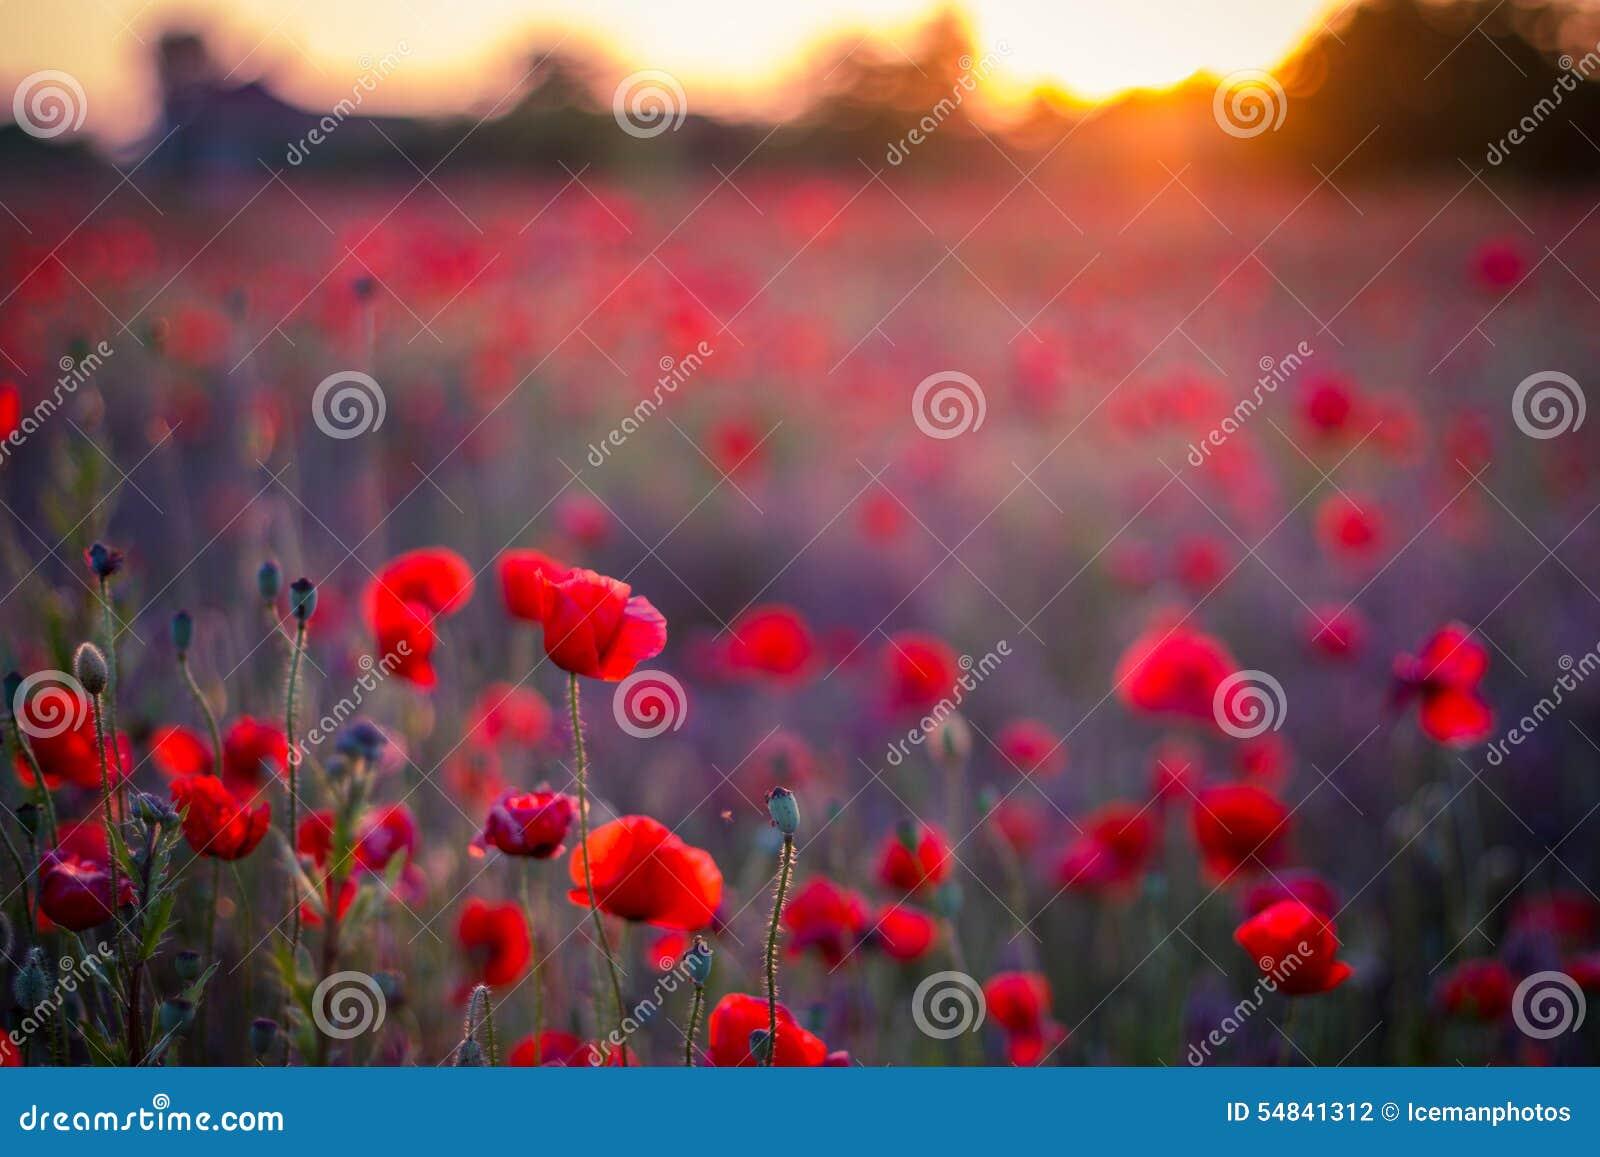 Poppy flowers in sunset, golden background